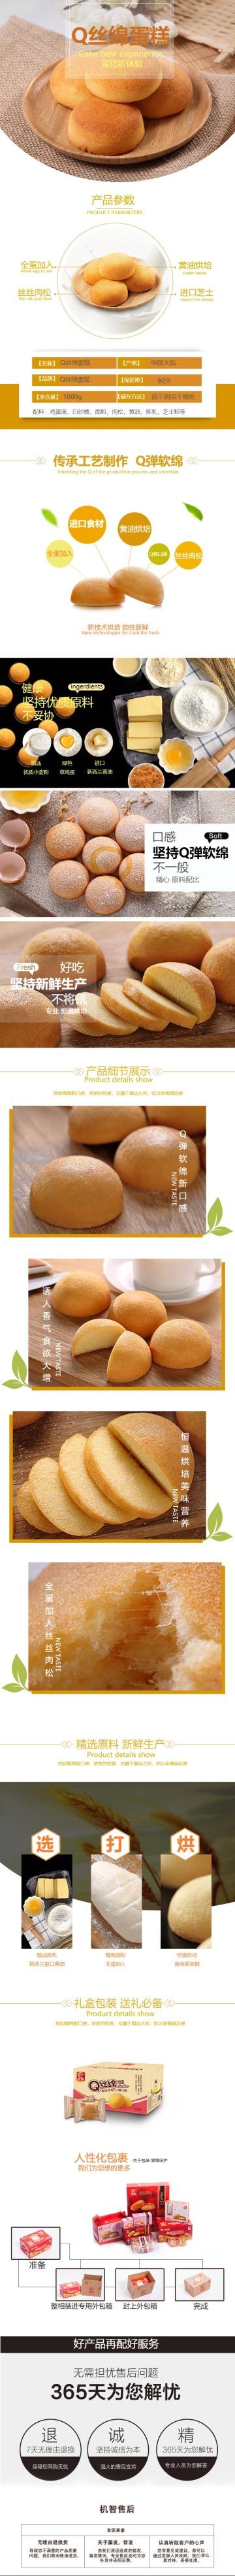 清新简约百货零售美食零食蛋糕促销电商详情页